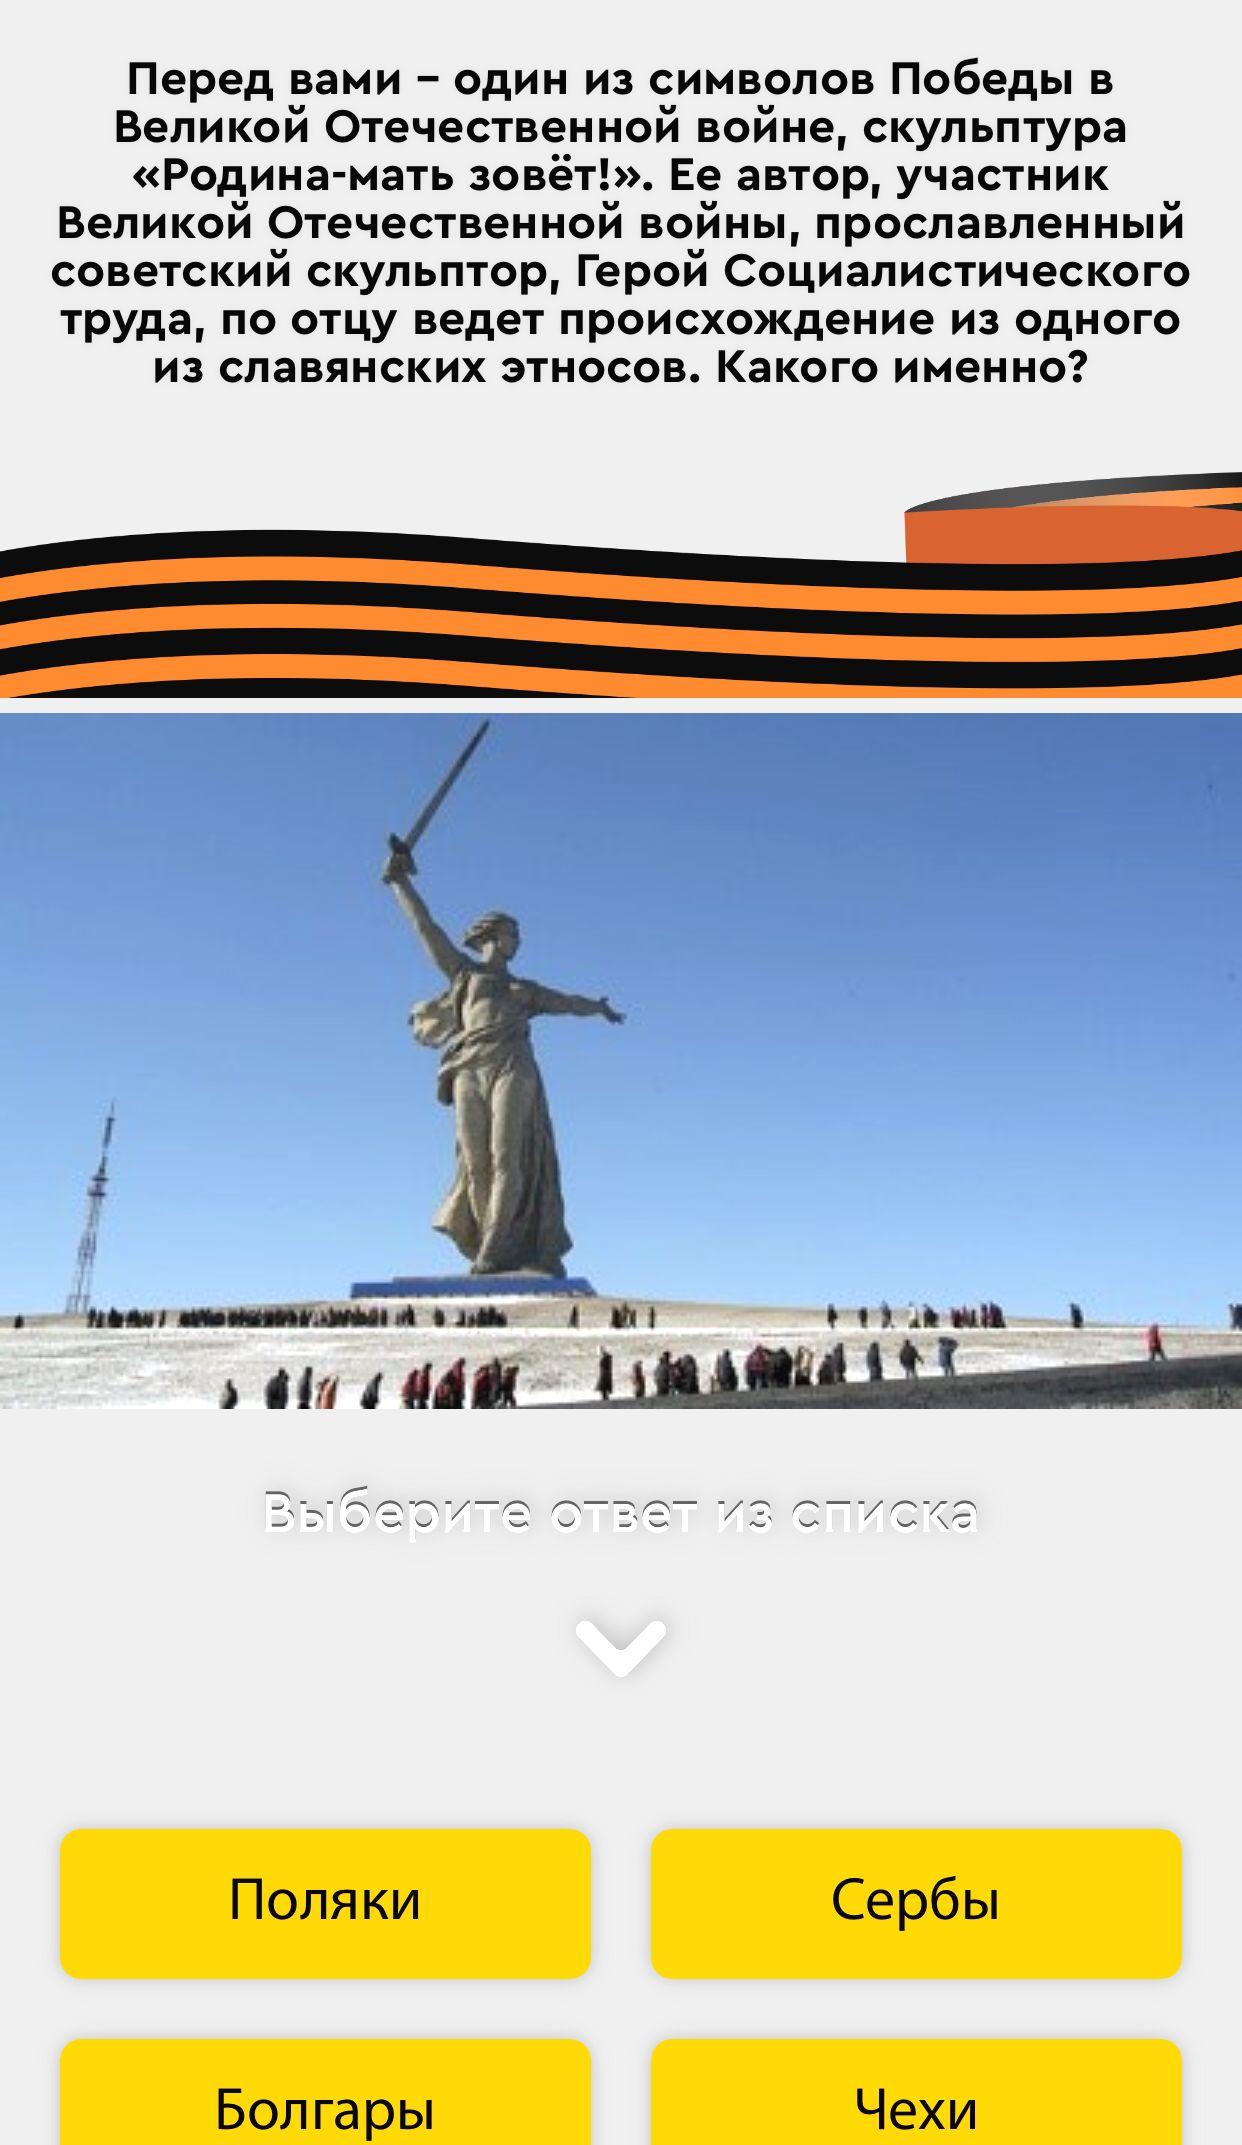 Жители Москвы в режиме онлайн могут принять участие в викторине, посвященной Дню Победы